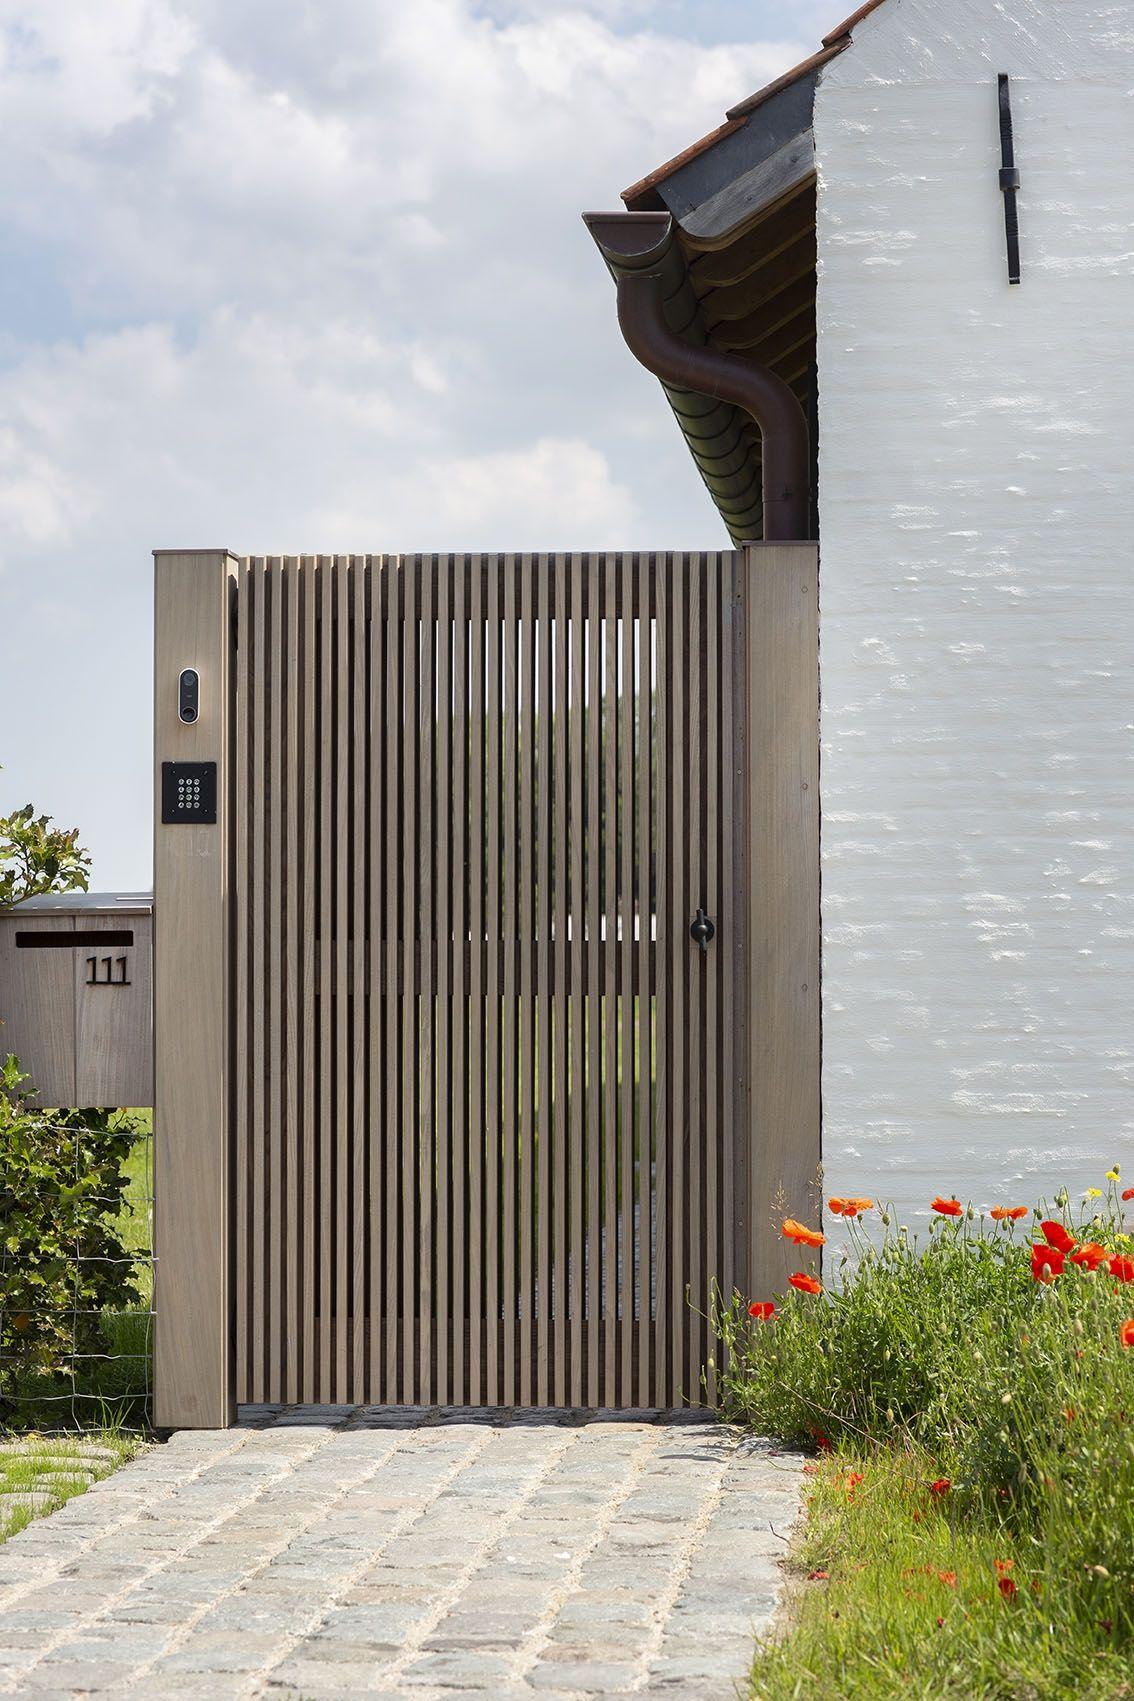 Lassen Sie Sich Inspirieren Pouleyn In 2020 Modernes Zaun Design Tor Design Moderne Tore